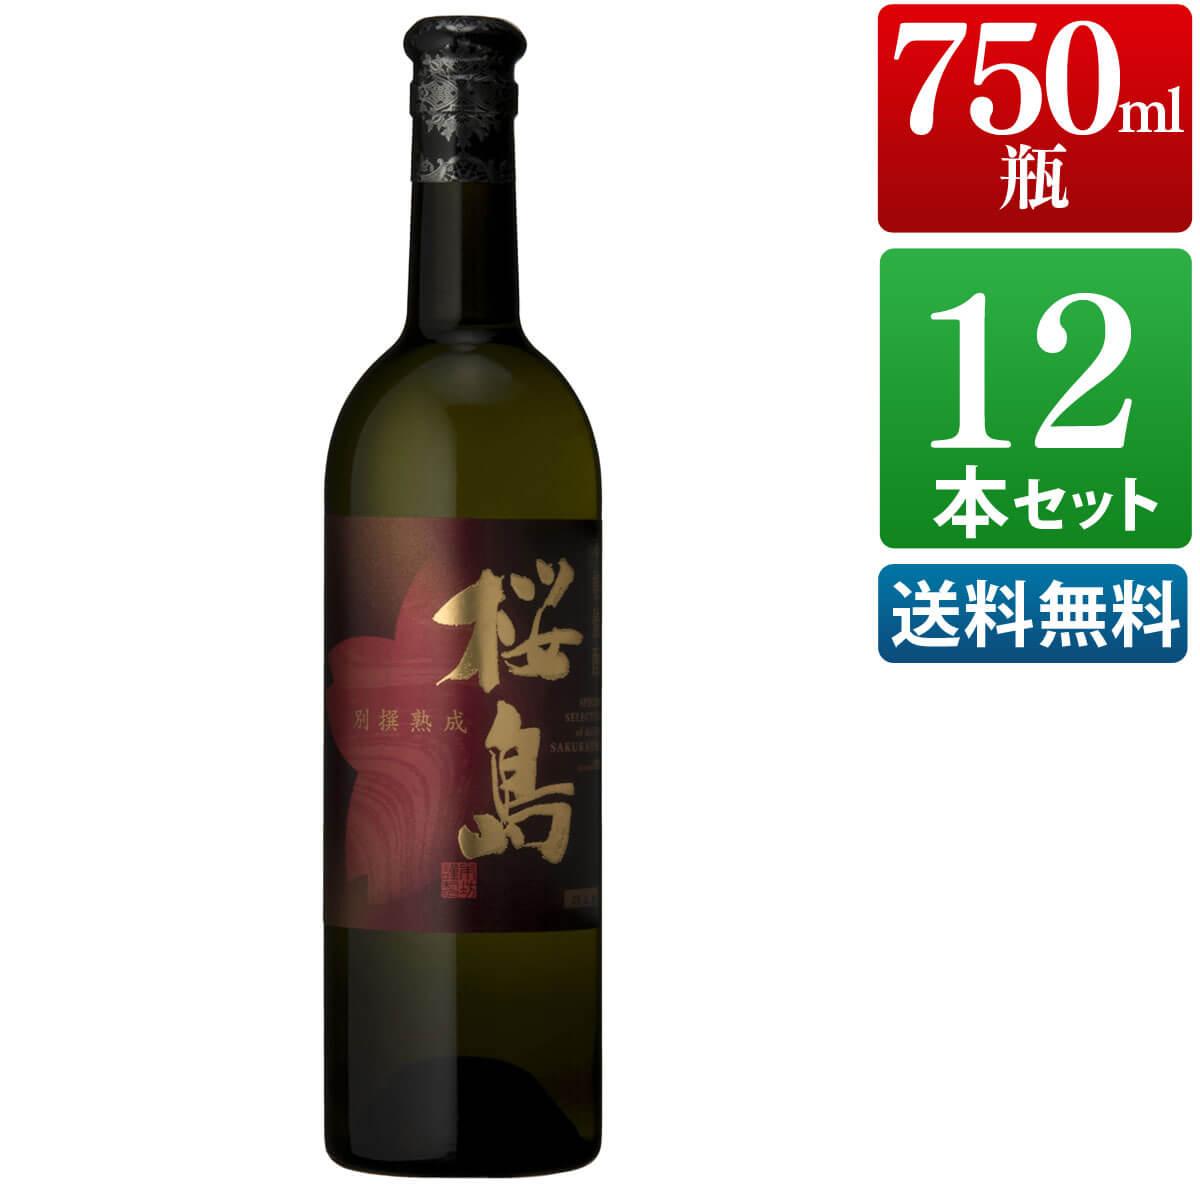 芋焼酎 12本セット 別撰熟成桜島 25度 750ml [ 本坊酒造 芋焼酎 / 送料無料 ]